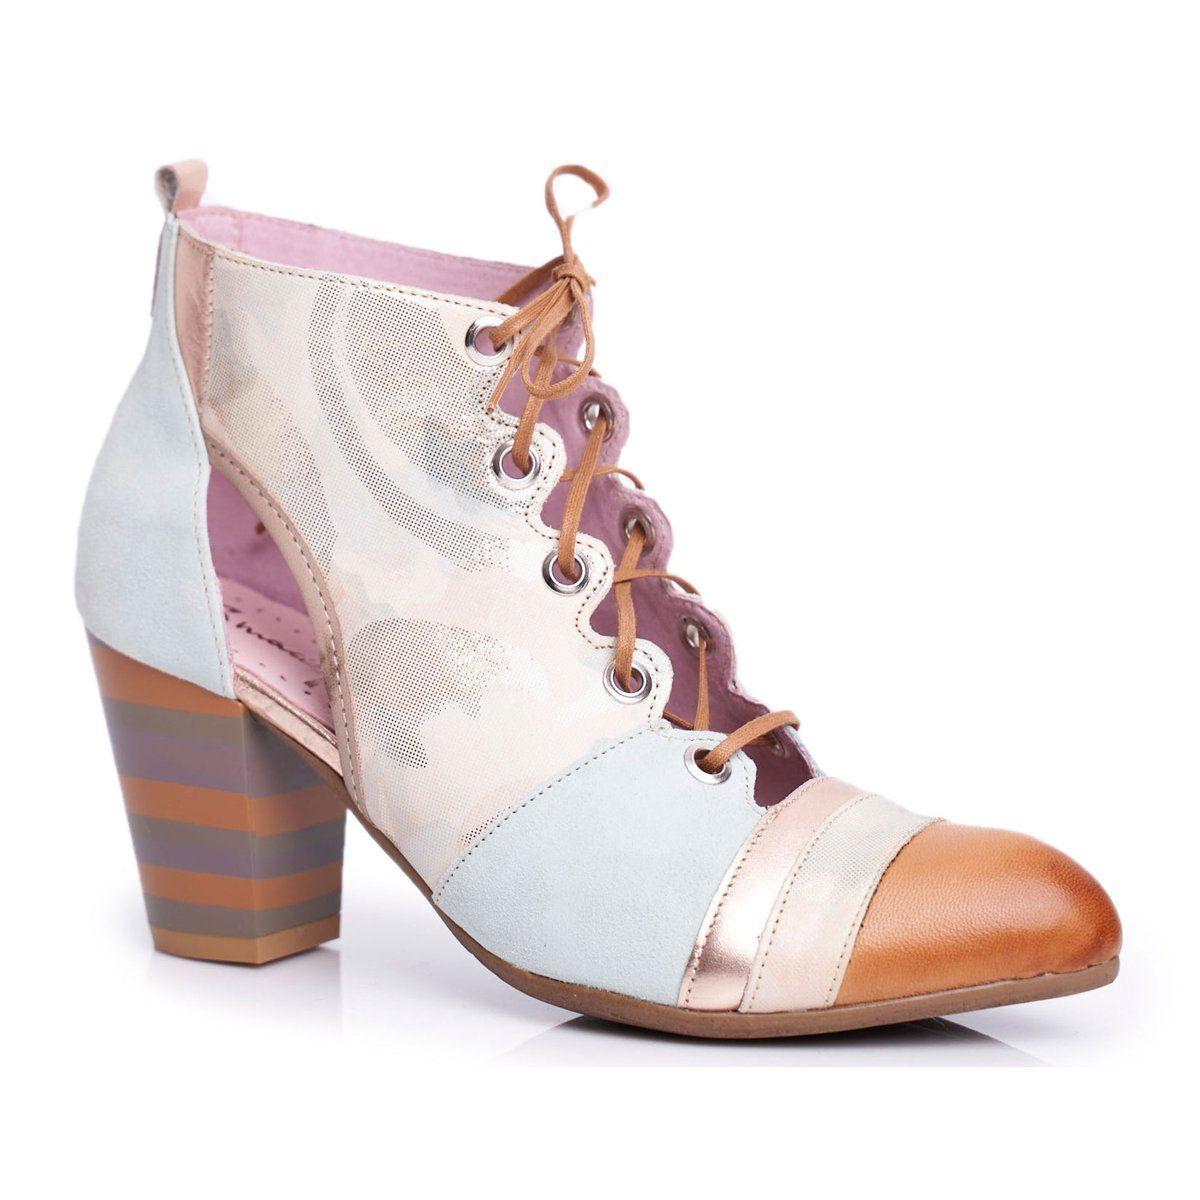 Botki Damskie Na Slupku Skorzane Maciejka Wiosenne 03938 04 Bezowy Wielokolorowe Zielone Shoes Sneakers Fashion